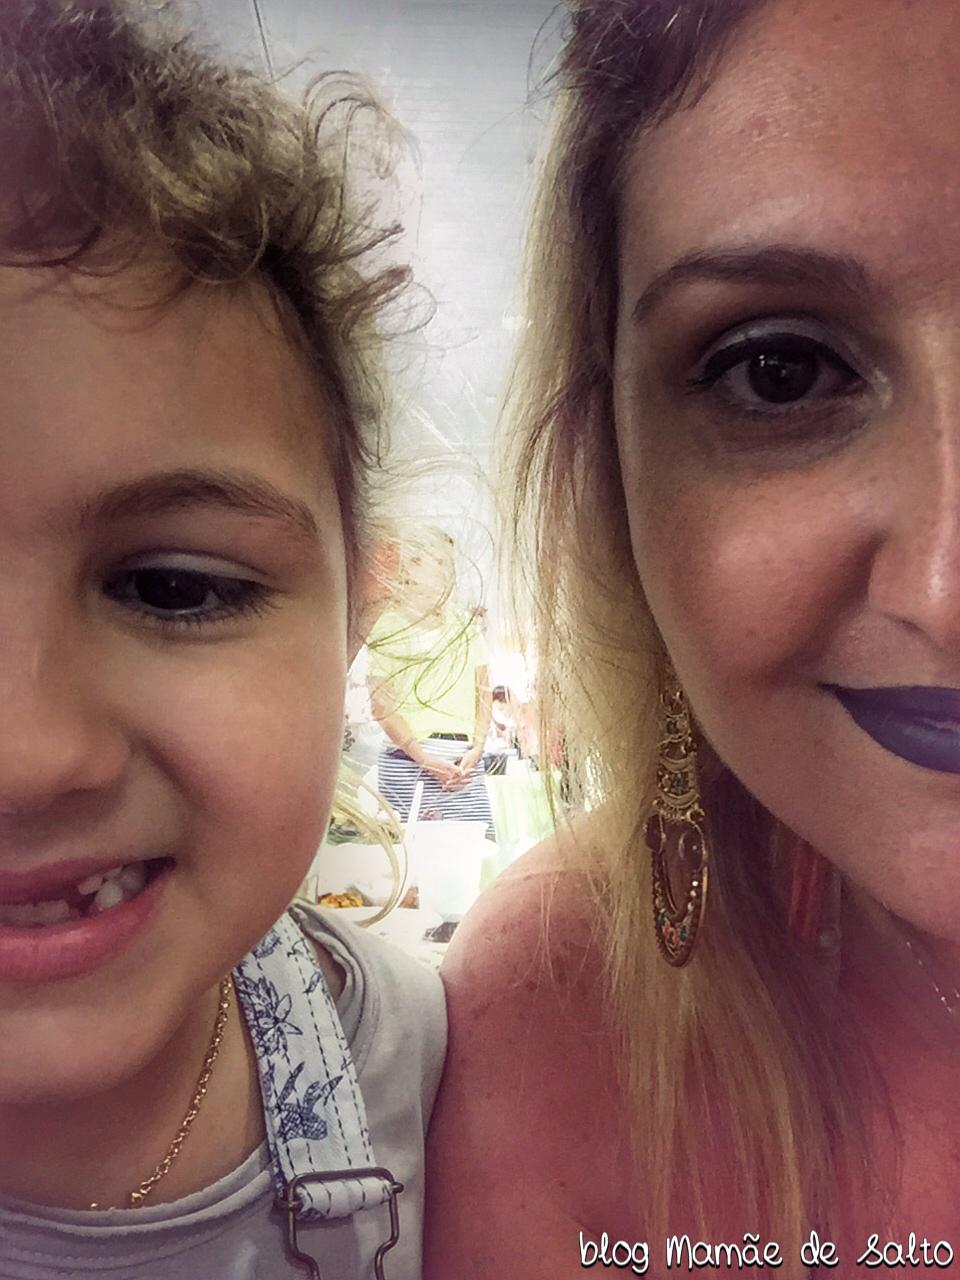 todos os direitos reservados ao blog Mamãe de Salto